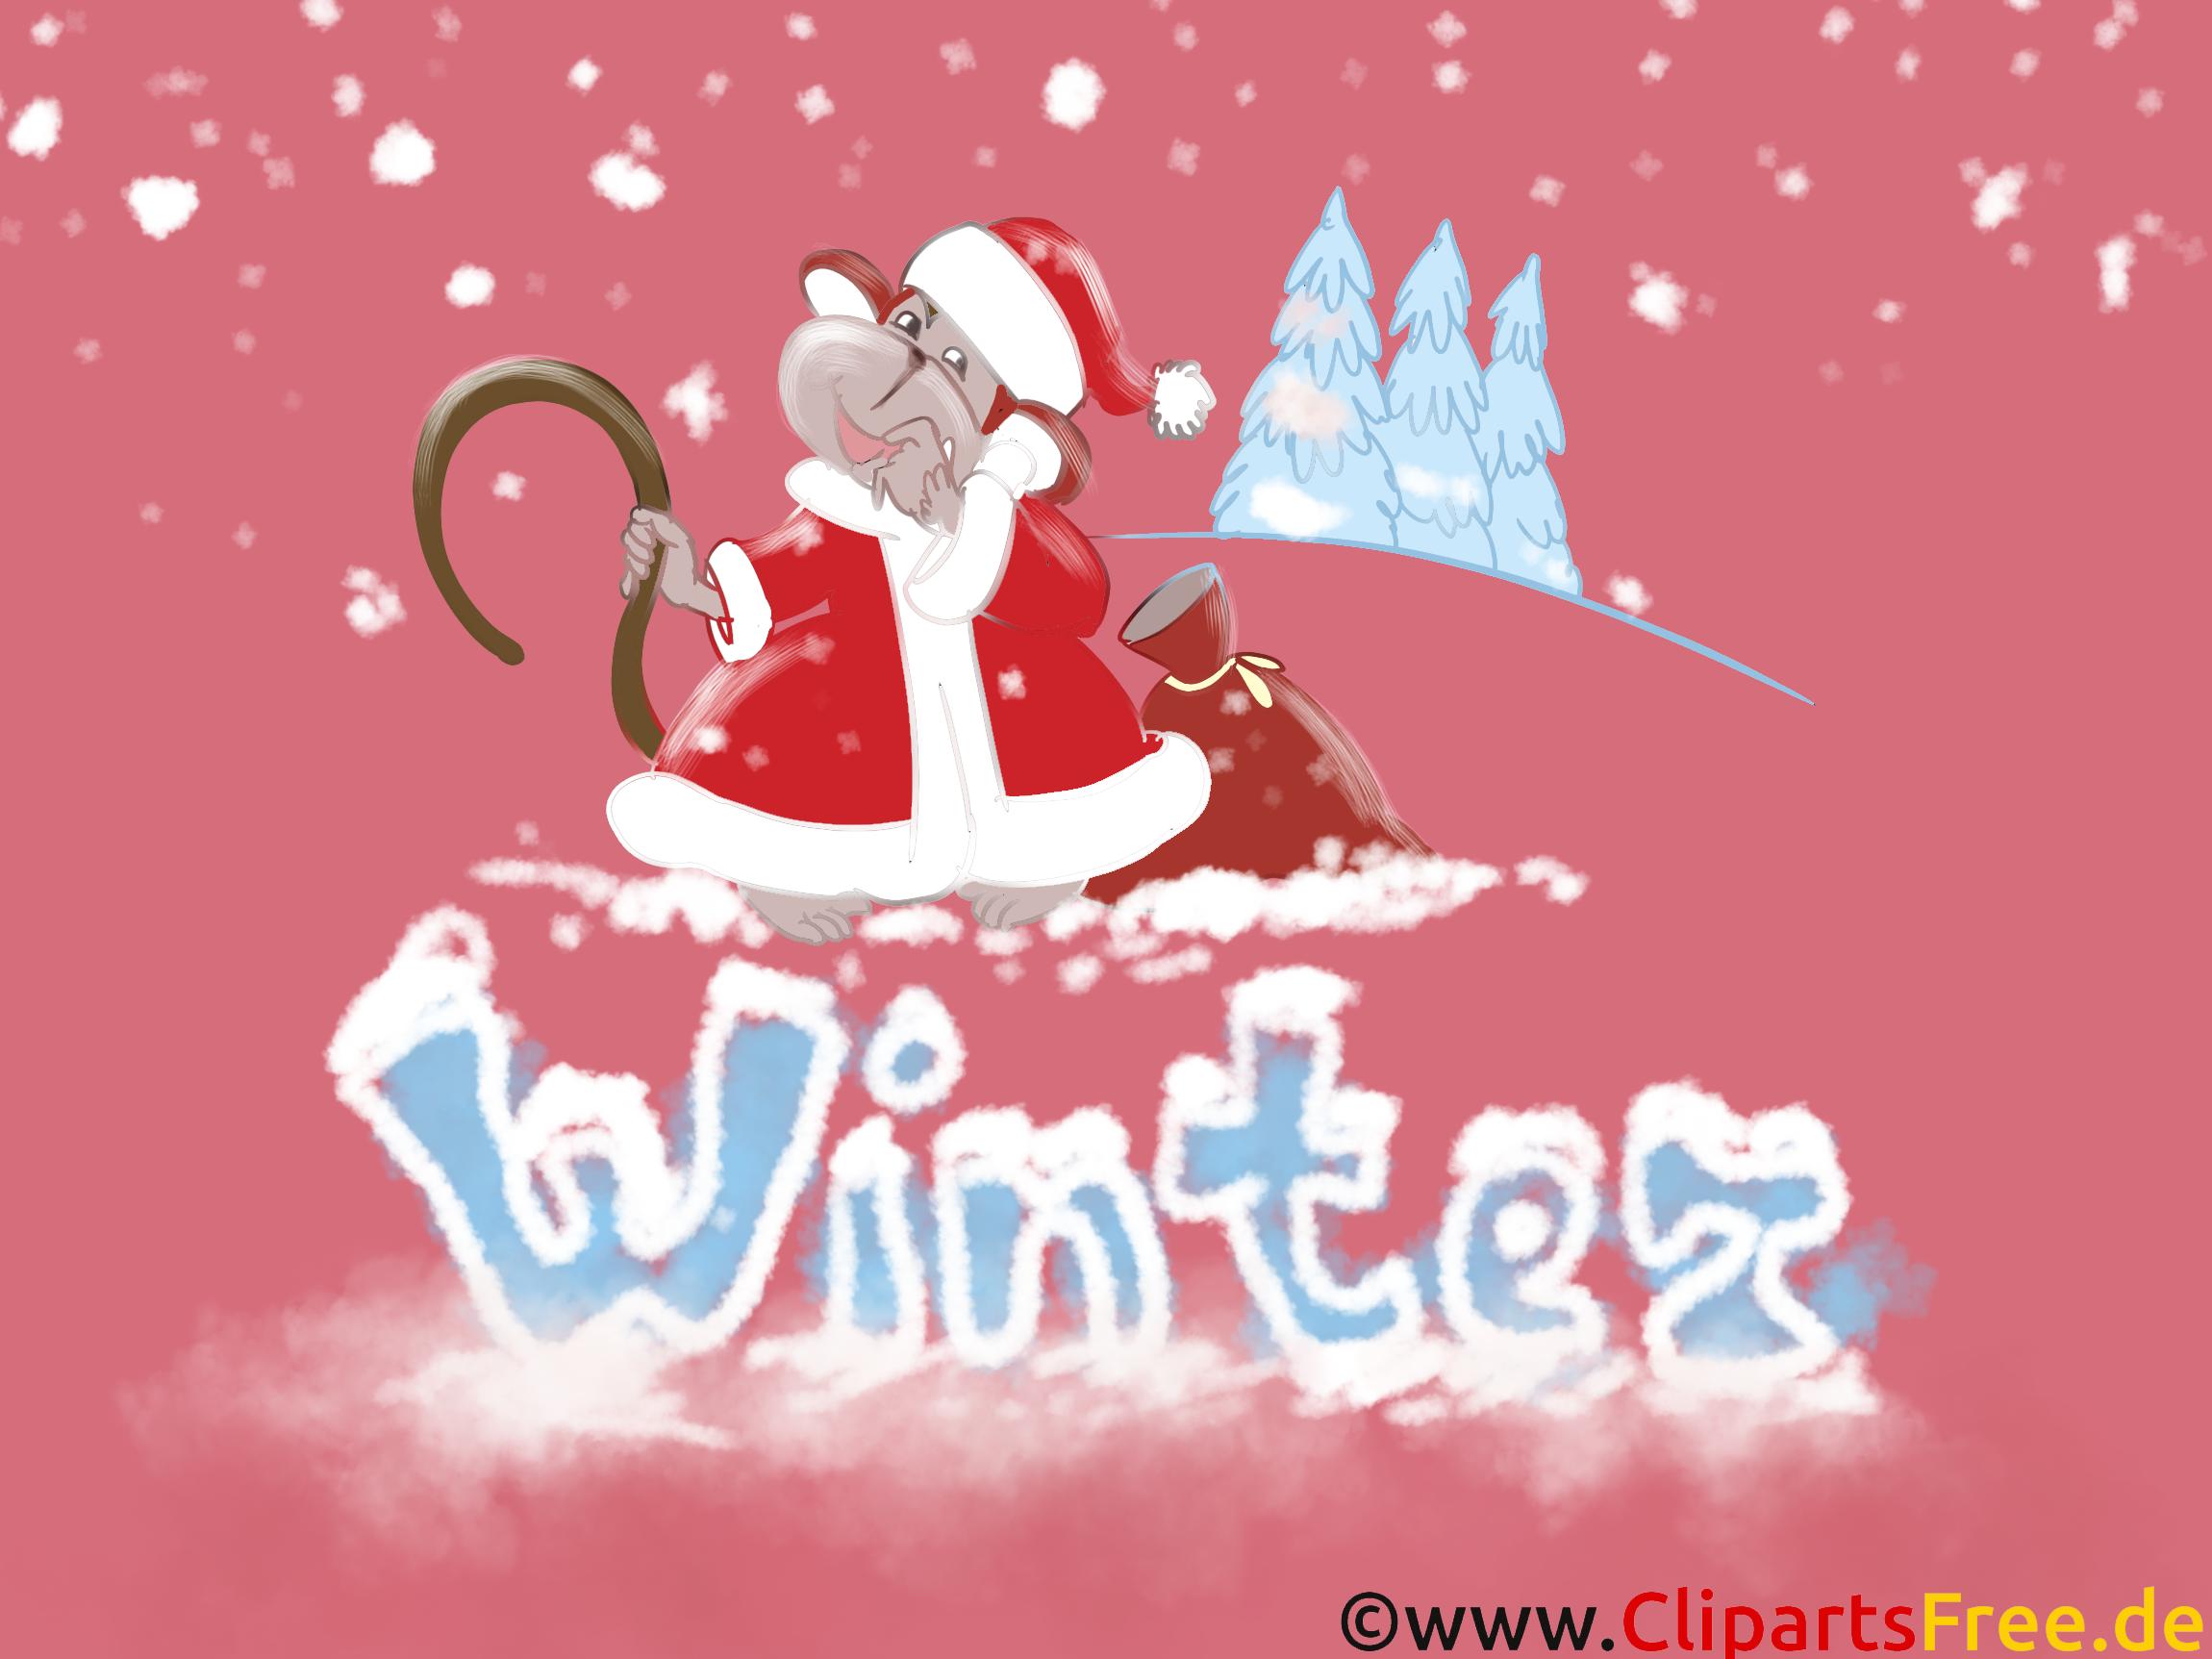 Desktop Hintergrund HD-Qualität Weihnachten, Weihnachtsmann, Winter, Schnee